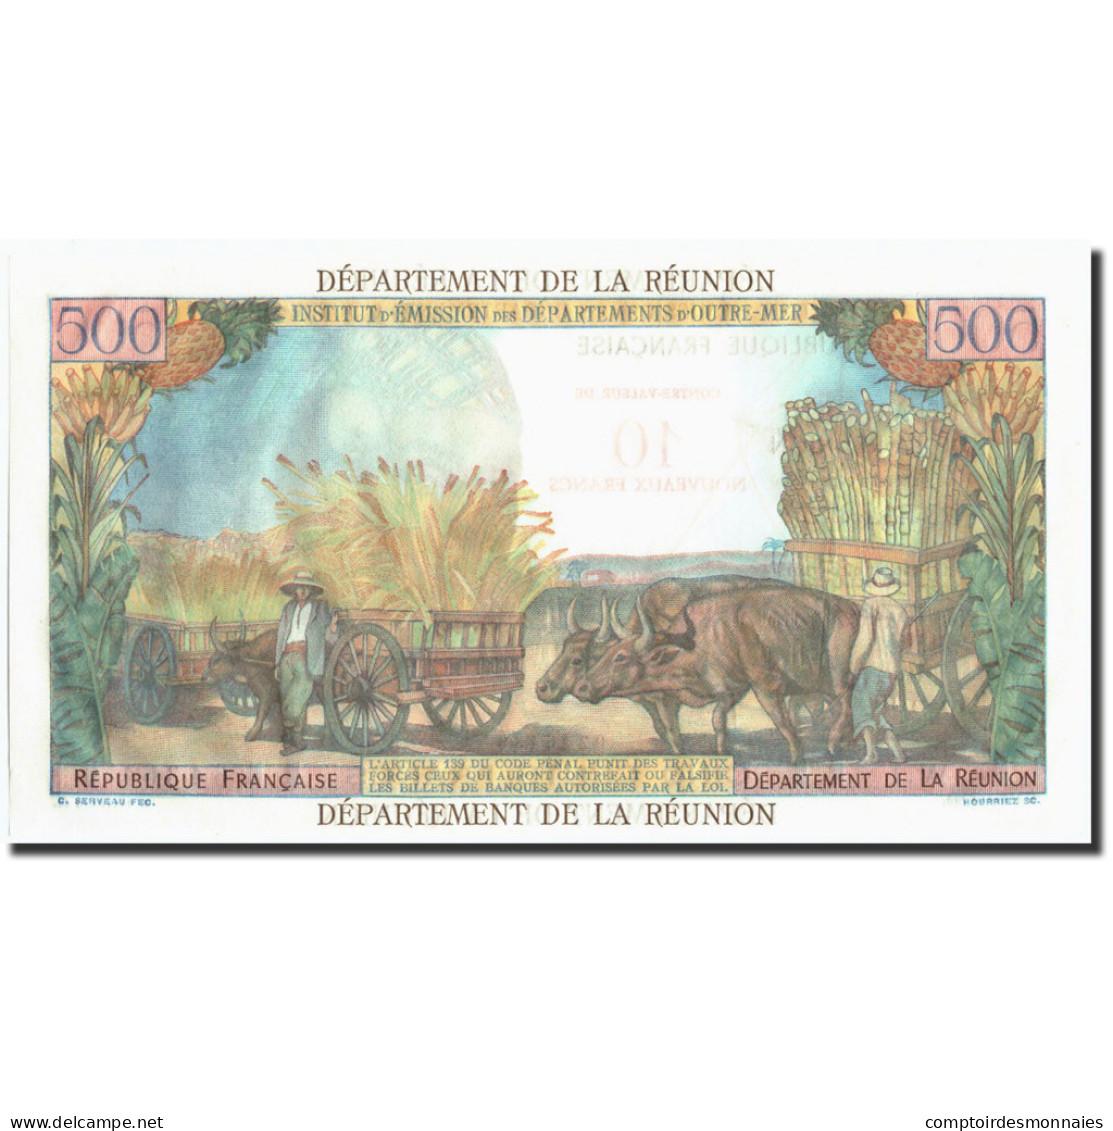 Réunion, 10 Nouveaux Francs On 500 Francs, Undated (1953), KM:54a, SPL - Réunion